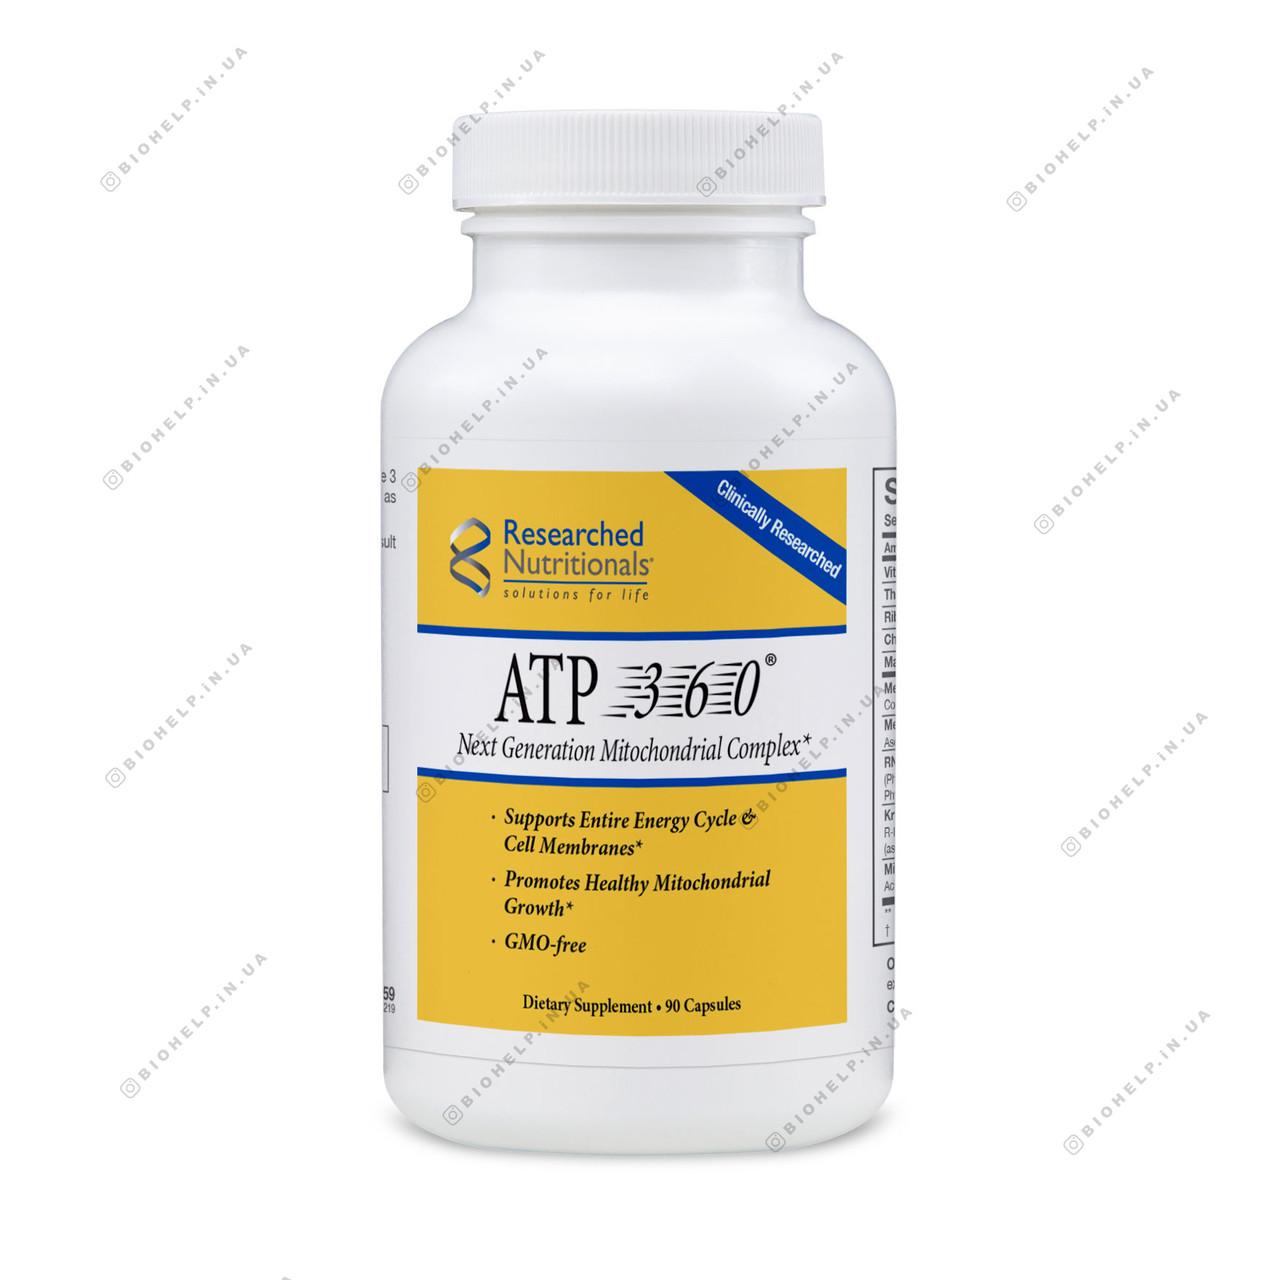 ATP 360 / АТП 360 митохондриальный комплекс 90 капс. Researched Nutritionals